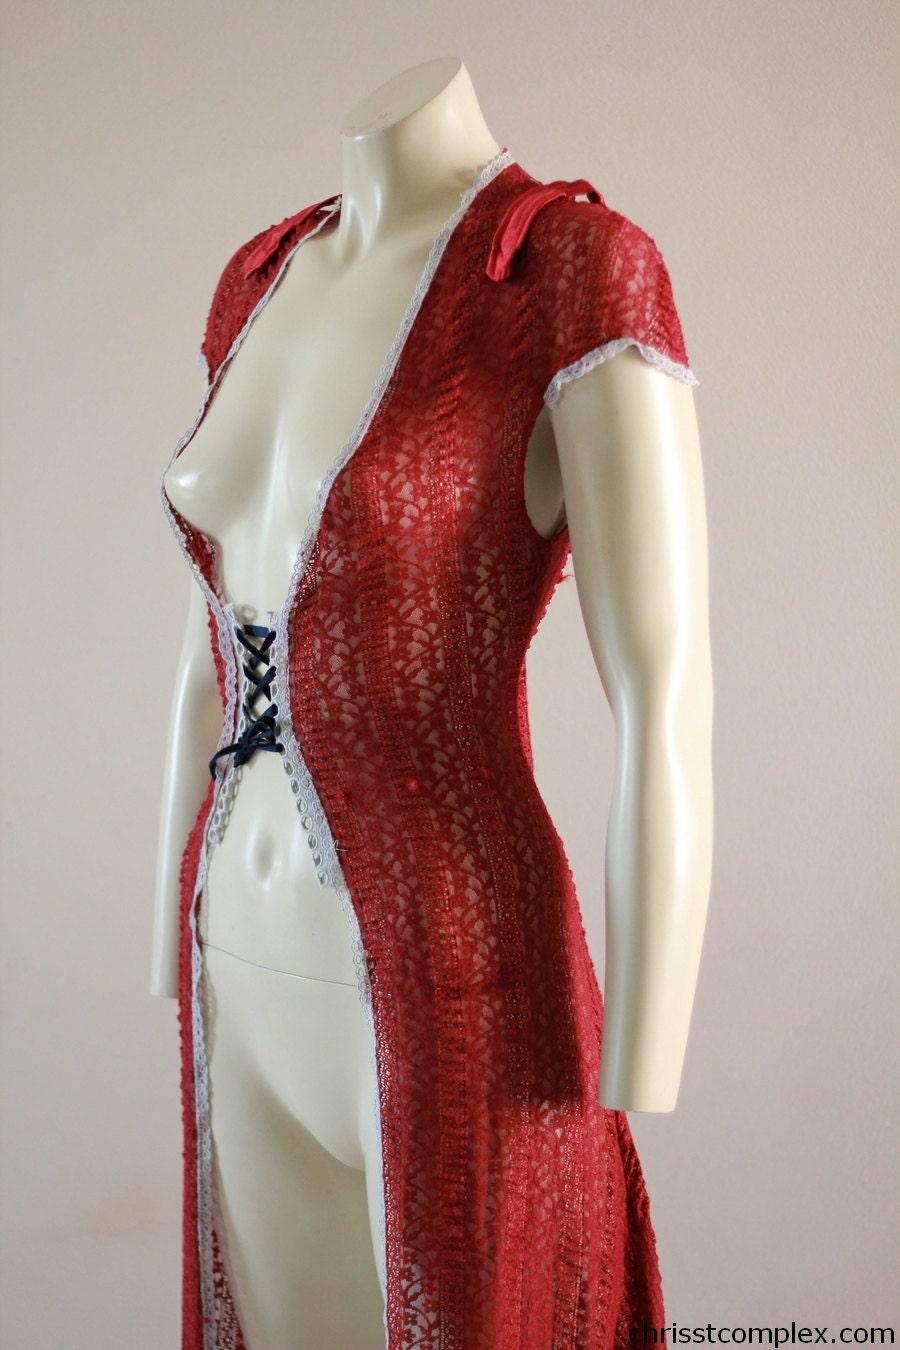 Etsy Designer Women s Clothing http://www.pic2fly.com/Etsy+Designer